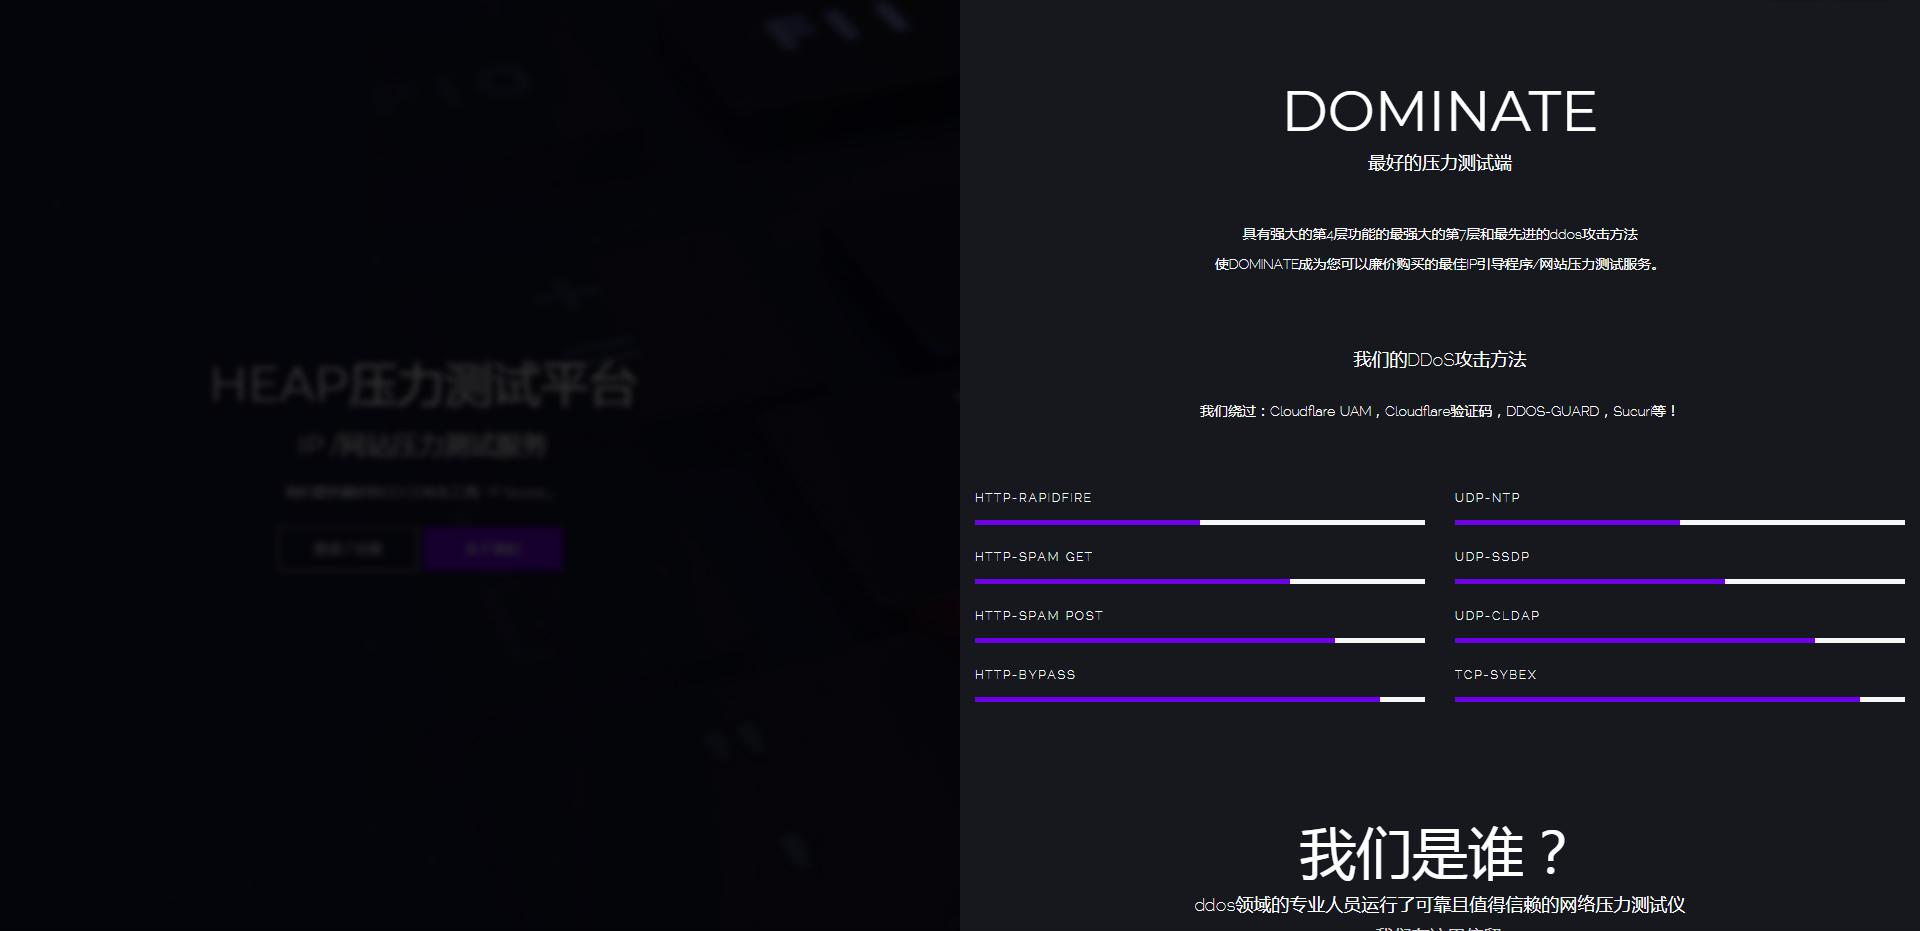 【服务器压力测试】HAPE压力测试平台 ddo-s[在线平台]-找主题源码